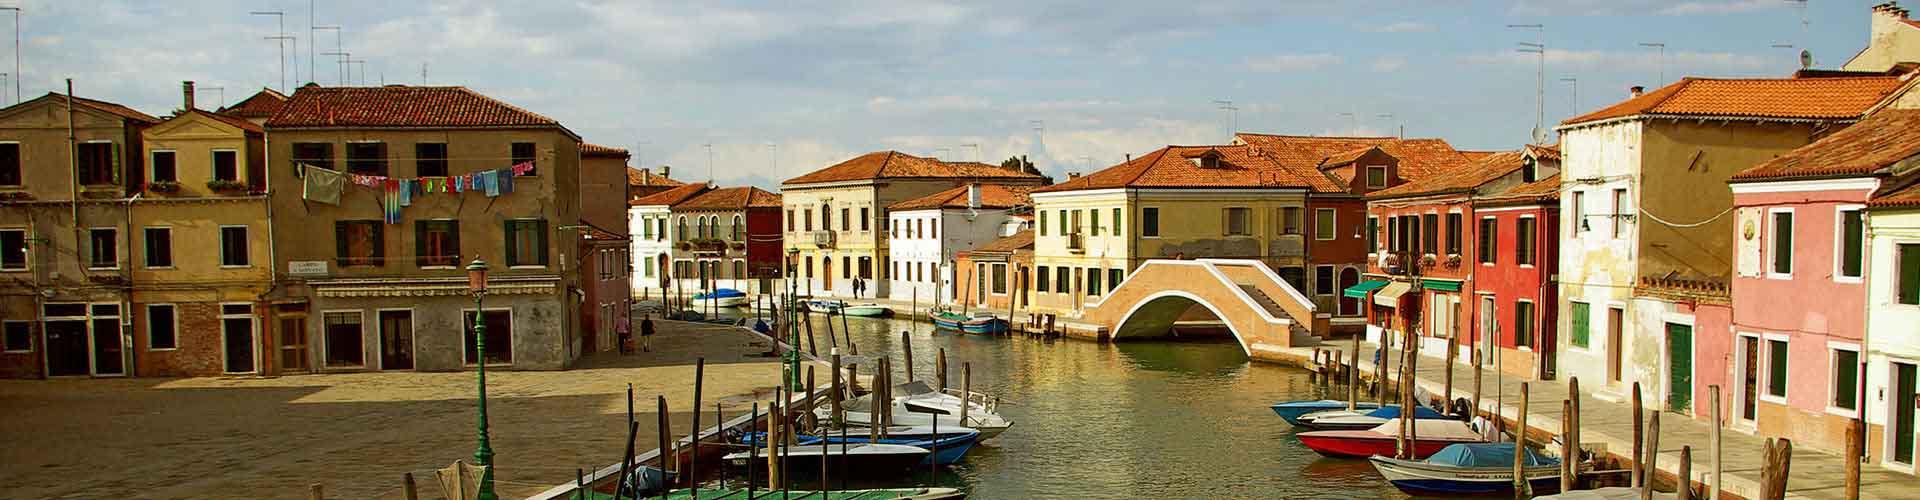 Venecia Mestre - Hostales cerca a Aeropuerto Marco Polo. Mapas de Venecia Mestre, Fotos y comentarios de cada Hostal en Venecia Mestre.